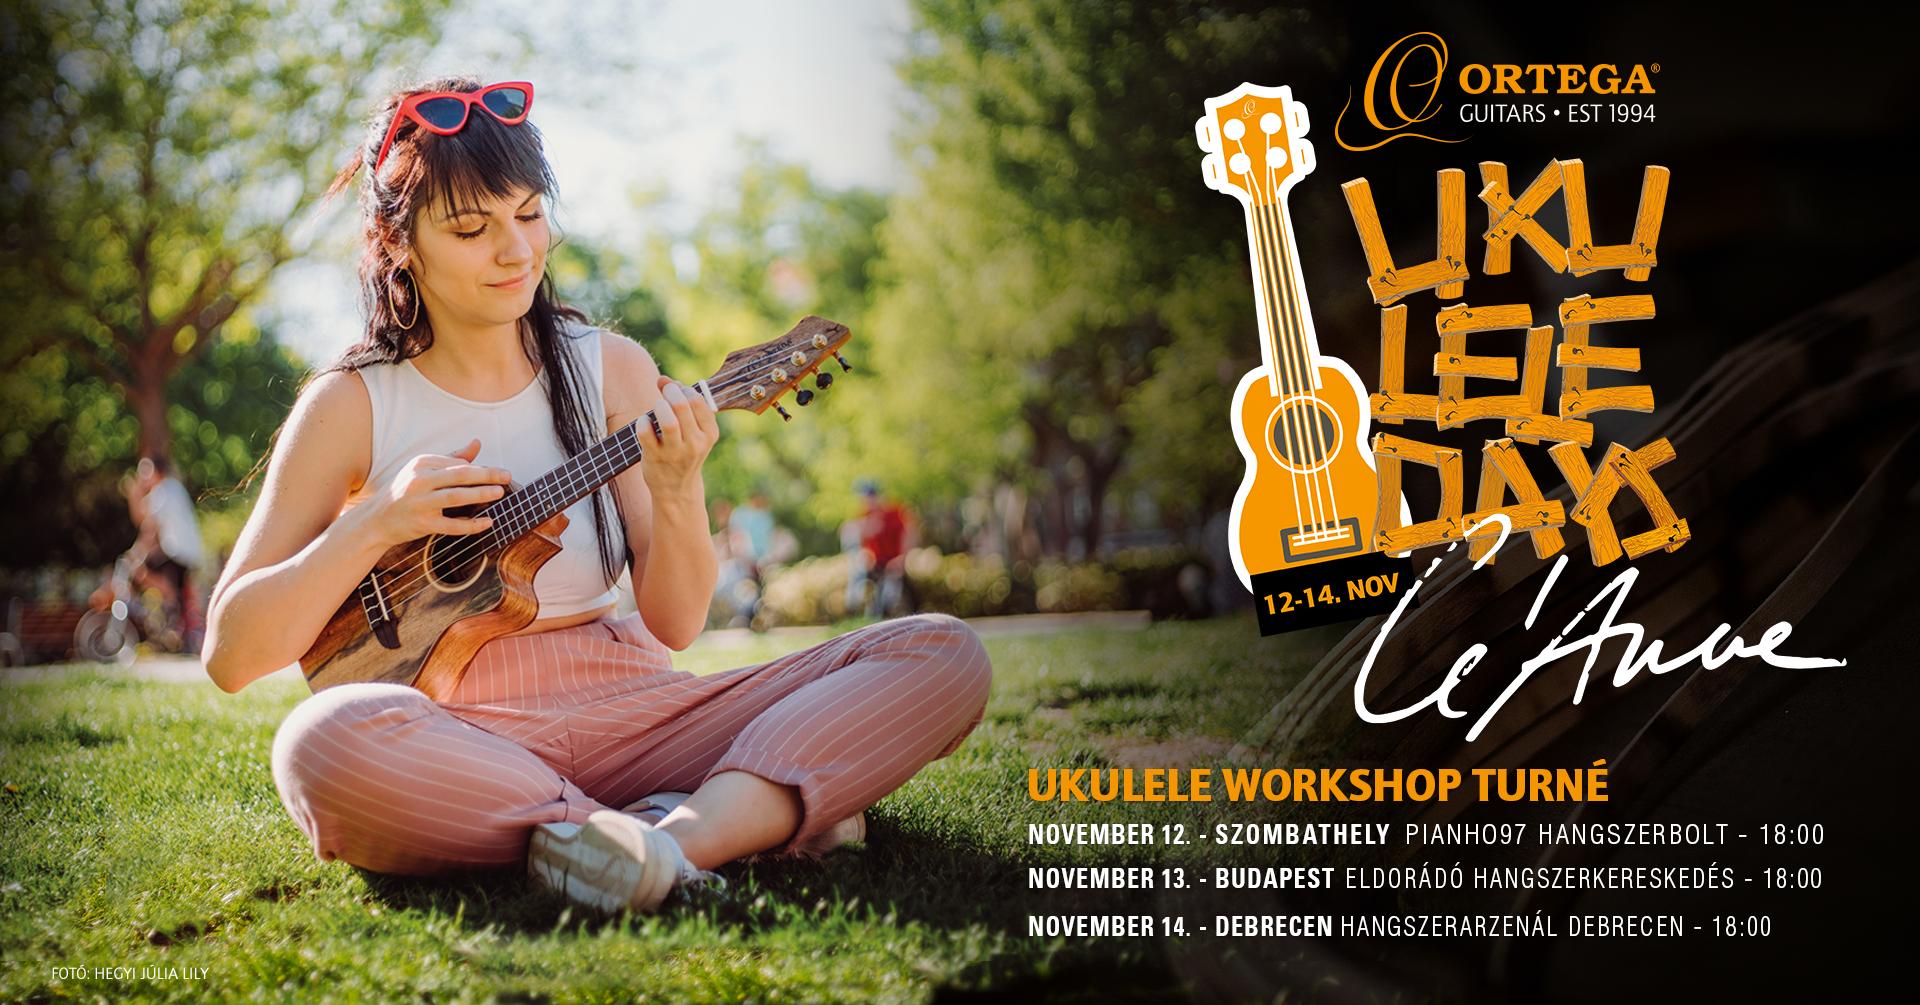 ortega_ukulele_days_ceanne.png